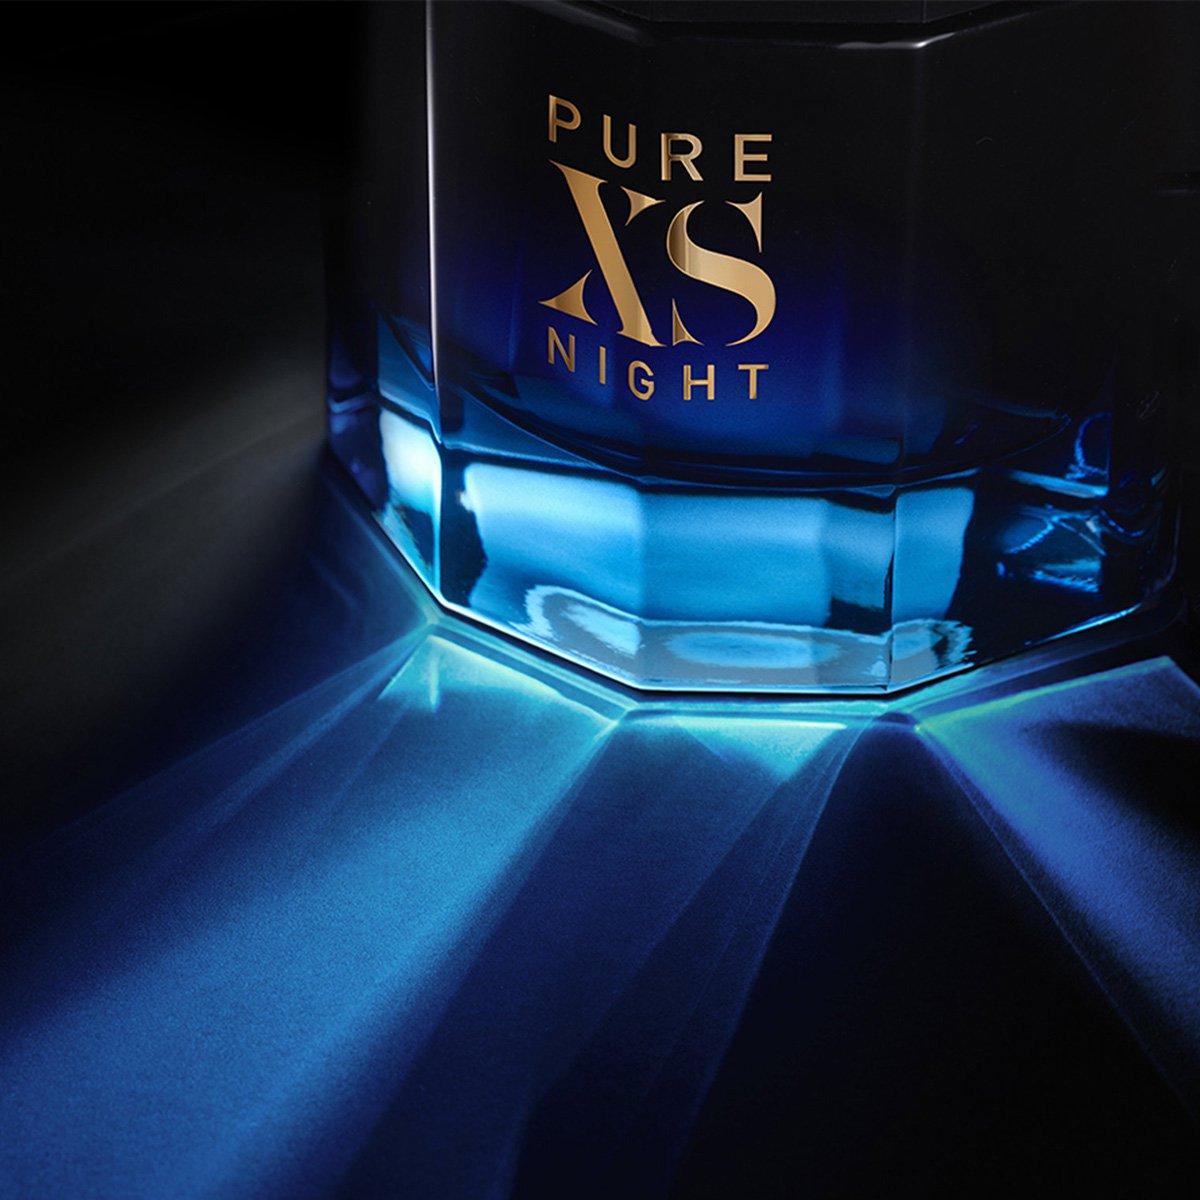 Perfume Paco Rabanne Pure XS Night EDP Masculino 100ml - 4